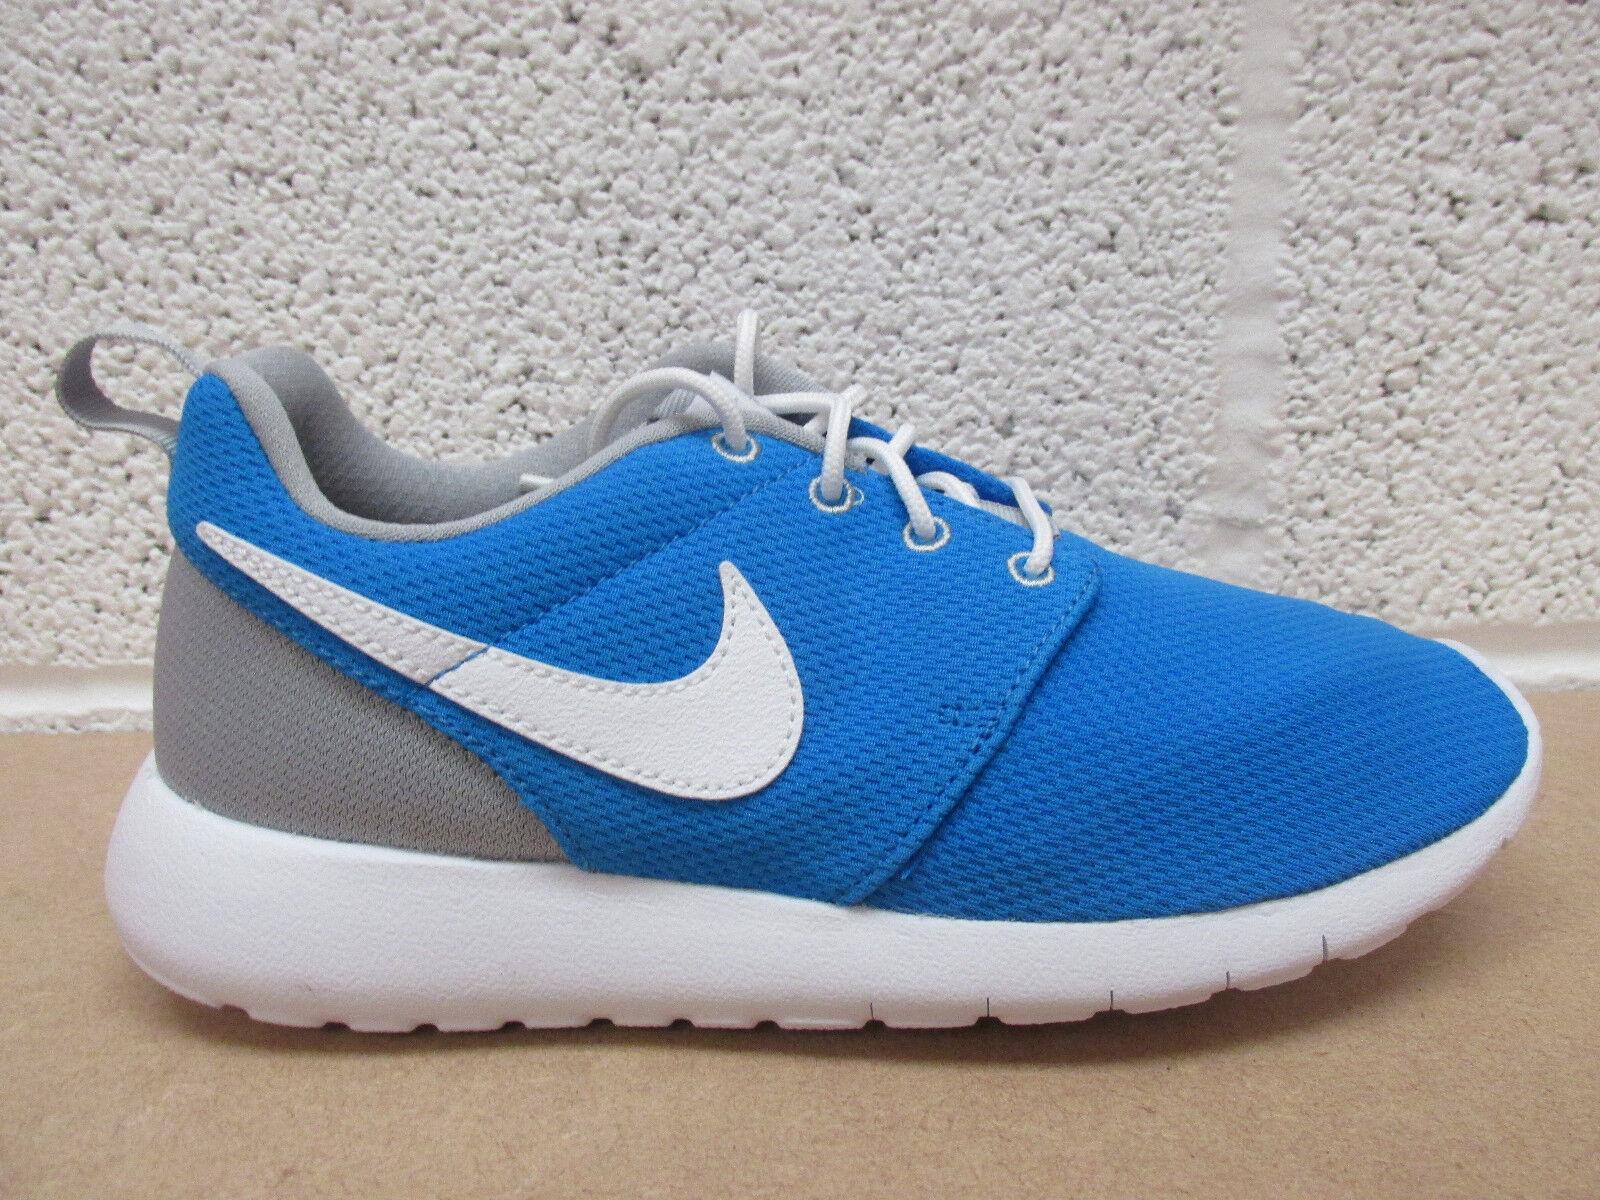 Nike Rosherun 412 (Gs) Scarpe Sportive 599728 412 Rosherun Scarpe da Tennis 8726ad